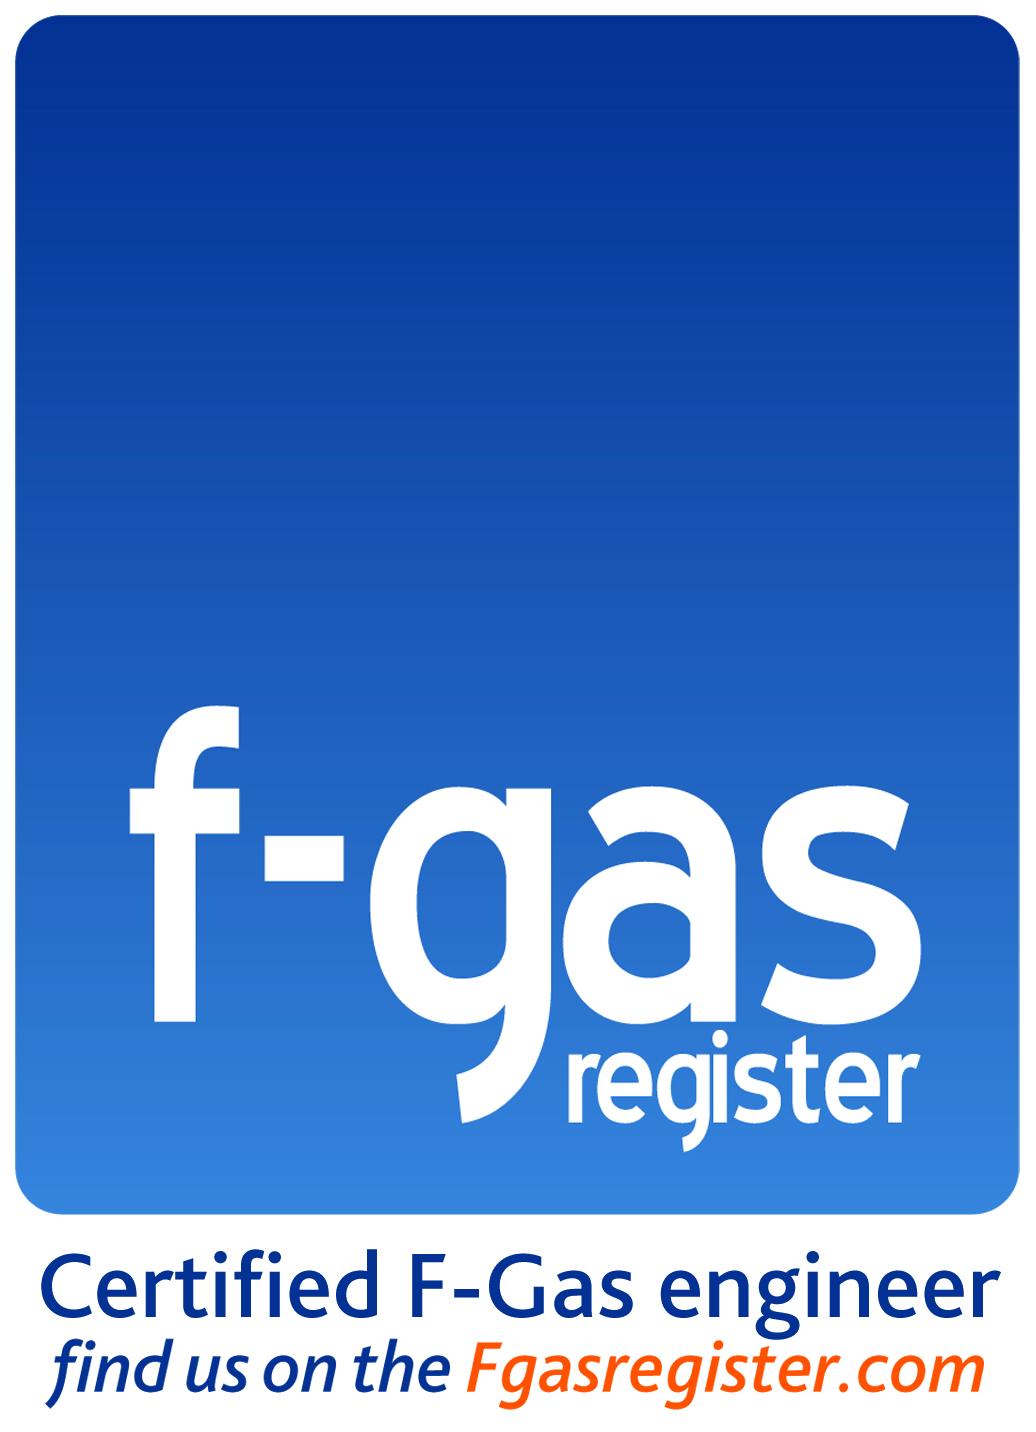 Fgas certified logo